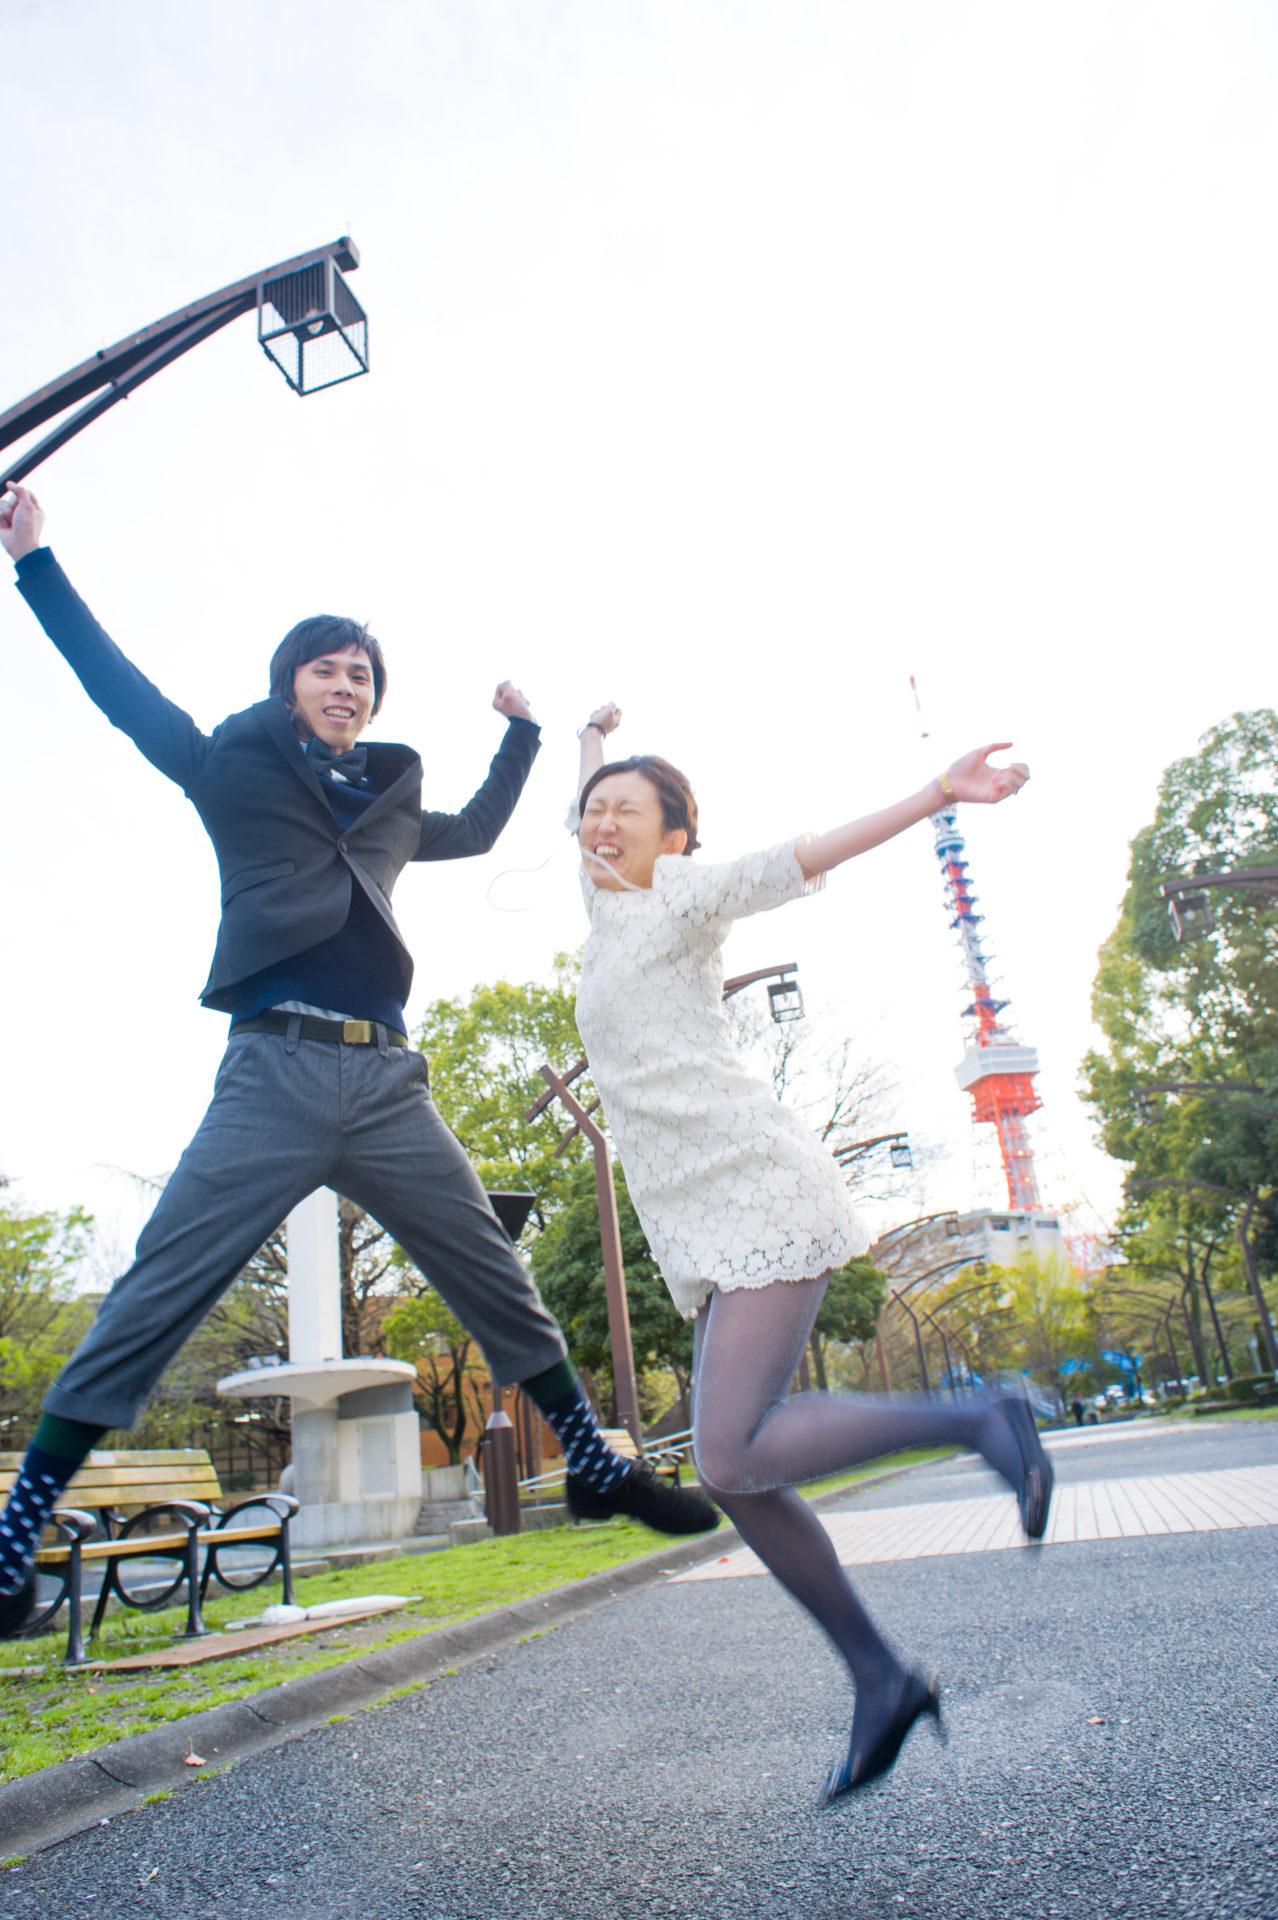 東京タワーを背景に御成門より撮影-ジャンプ